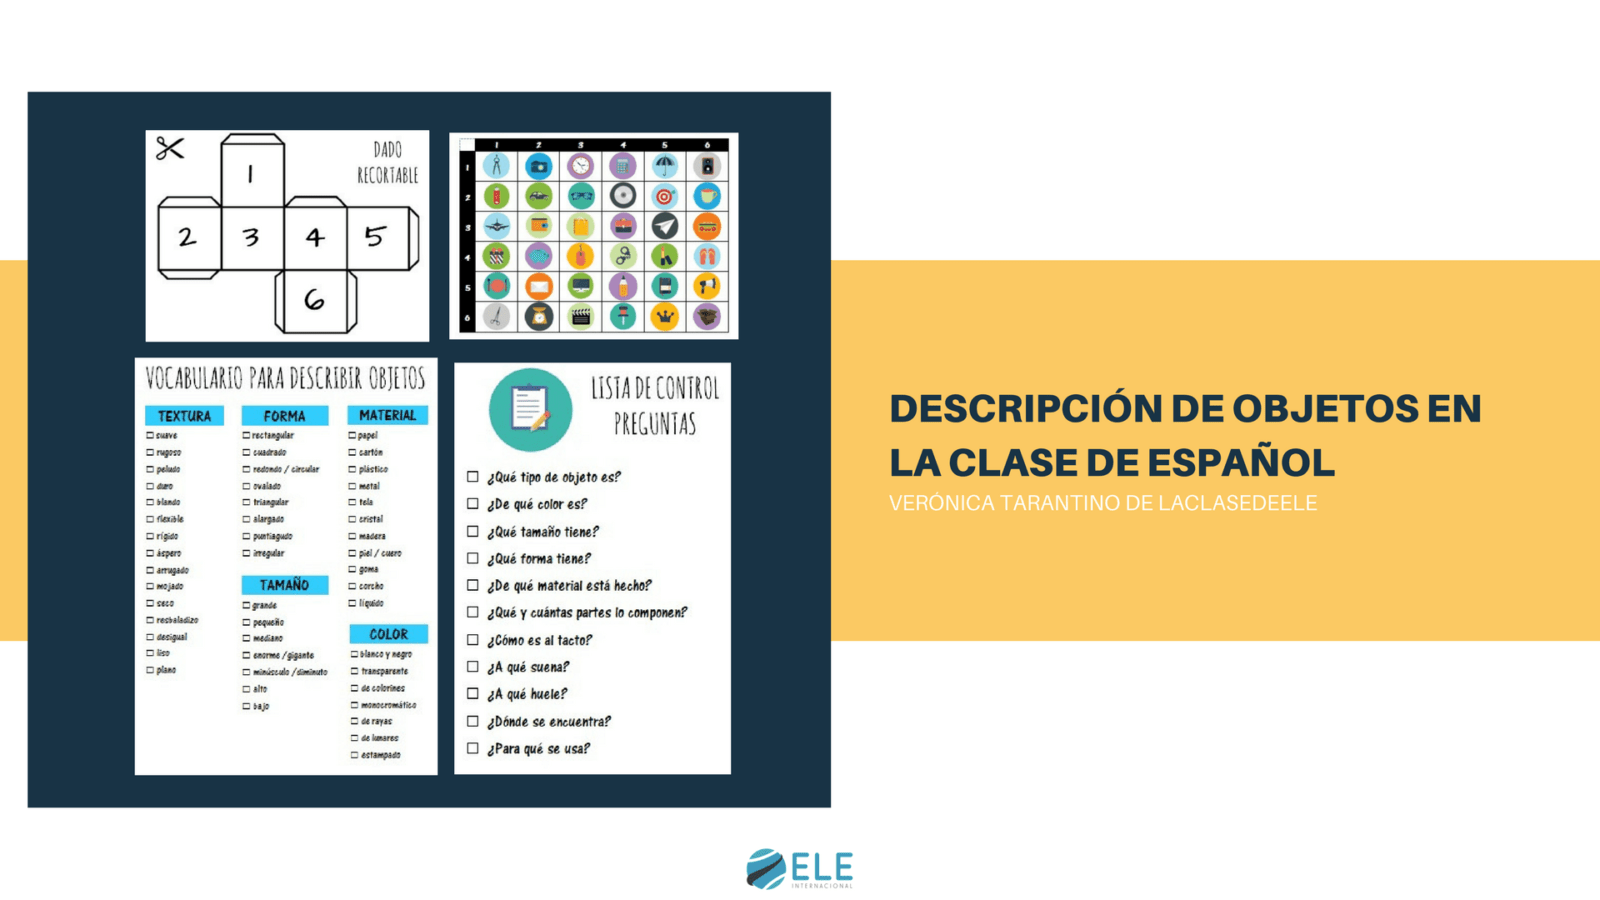 Descripcion De Objetos En La Clase De Espanol